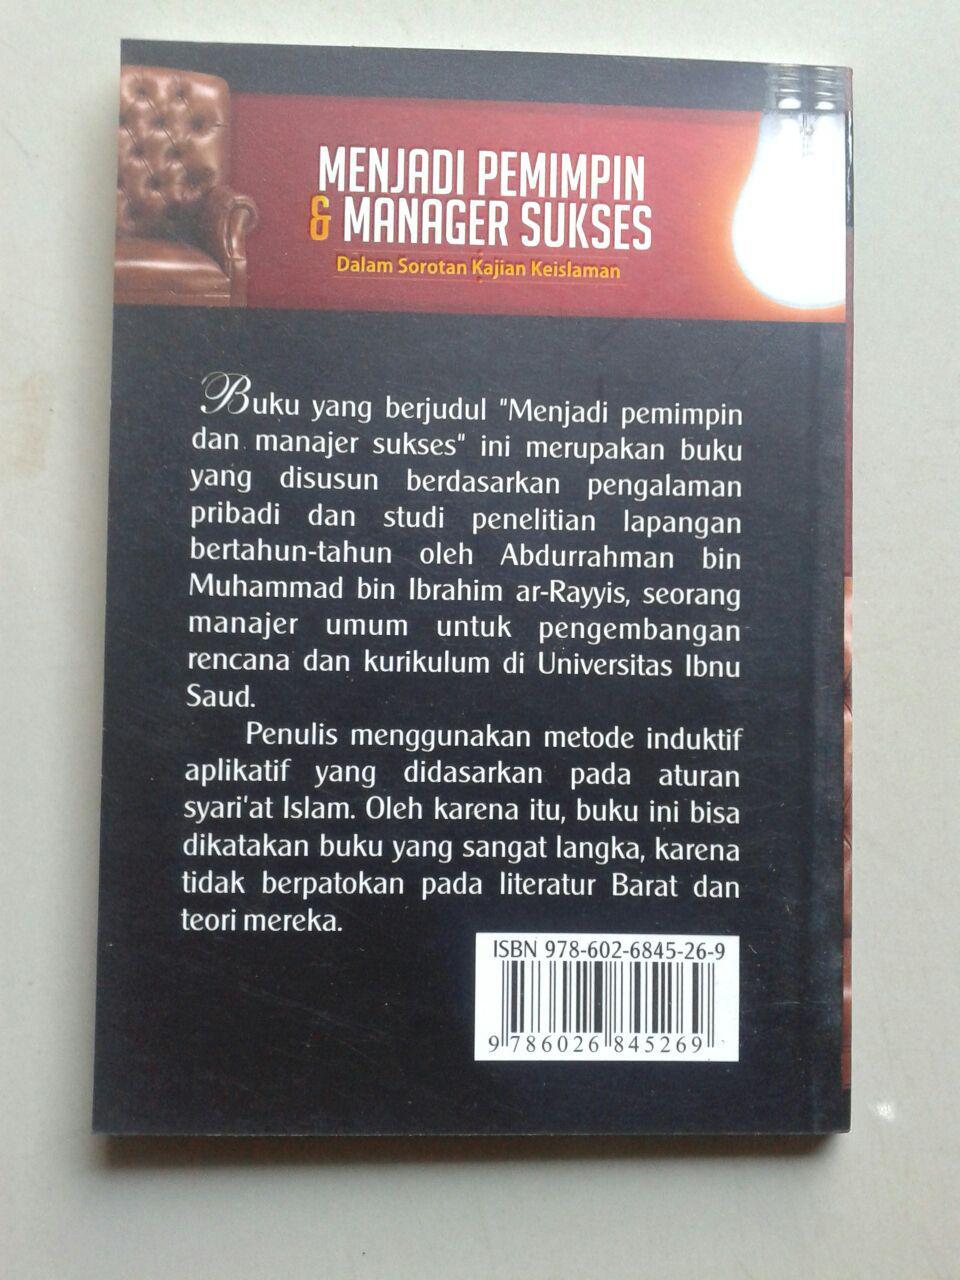 Buku Saku Menjadi Pemimpin & Manajer Sukses cover